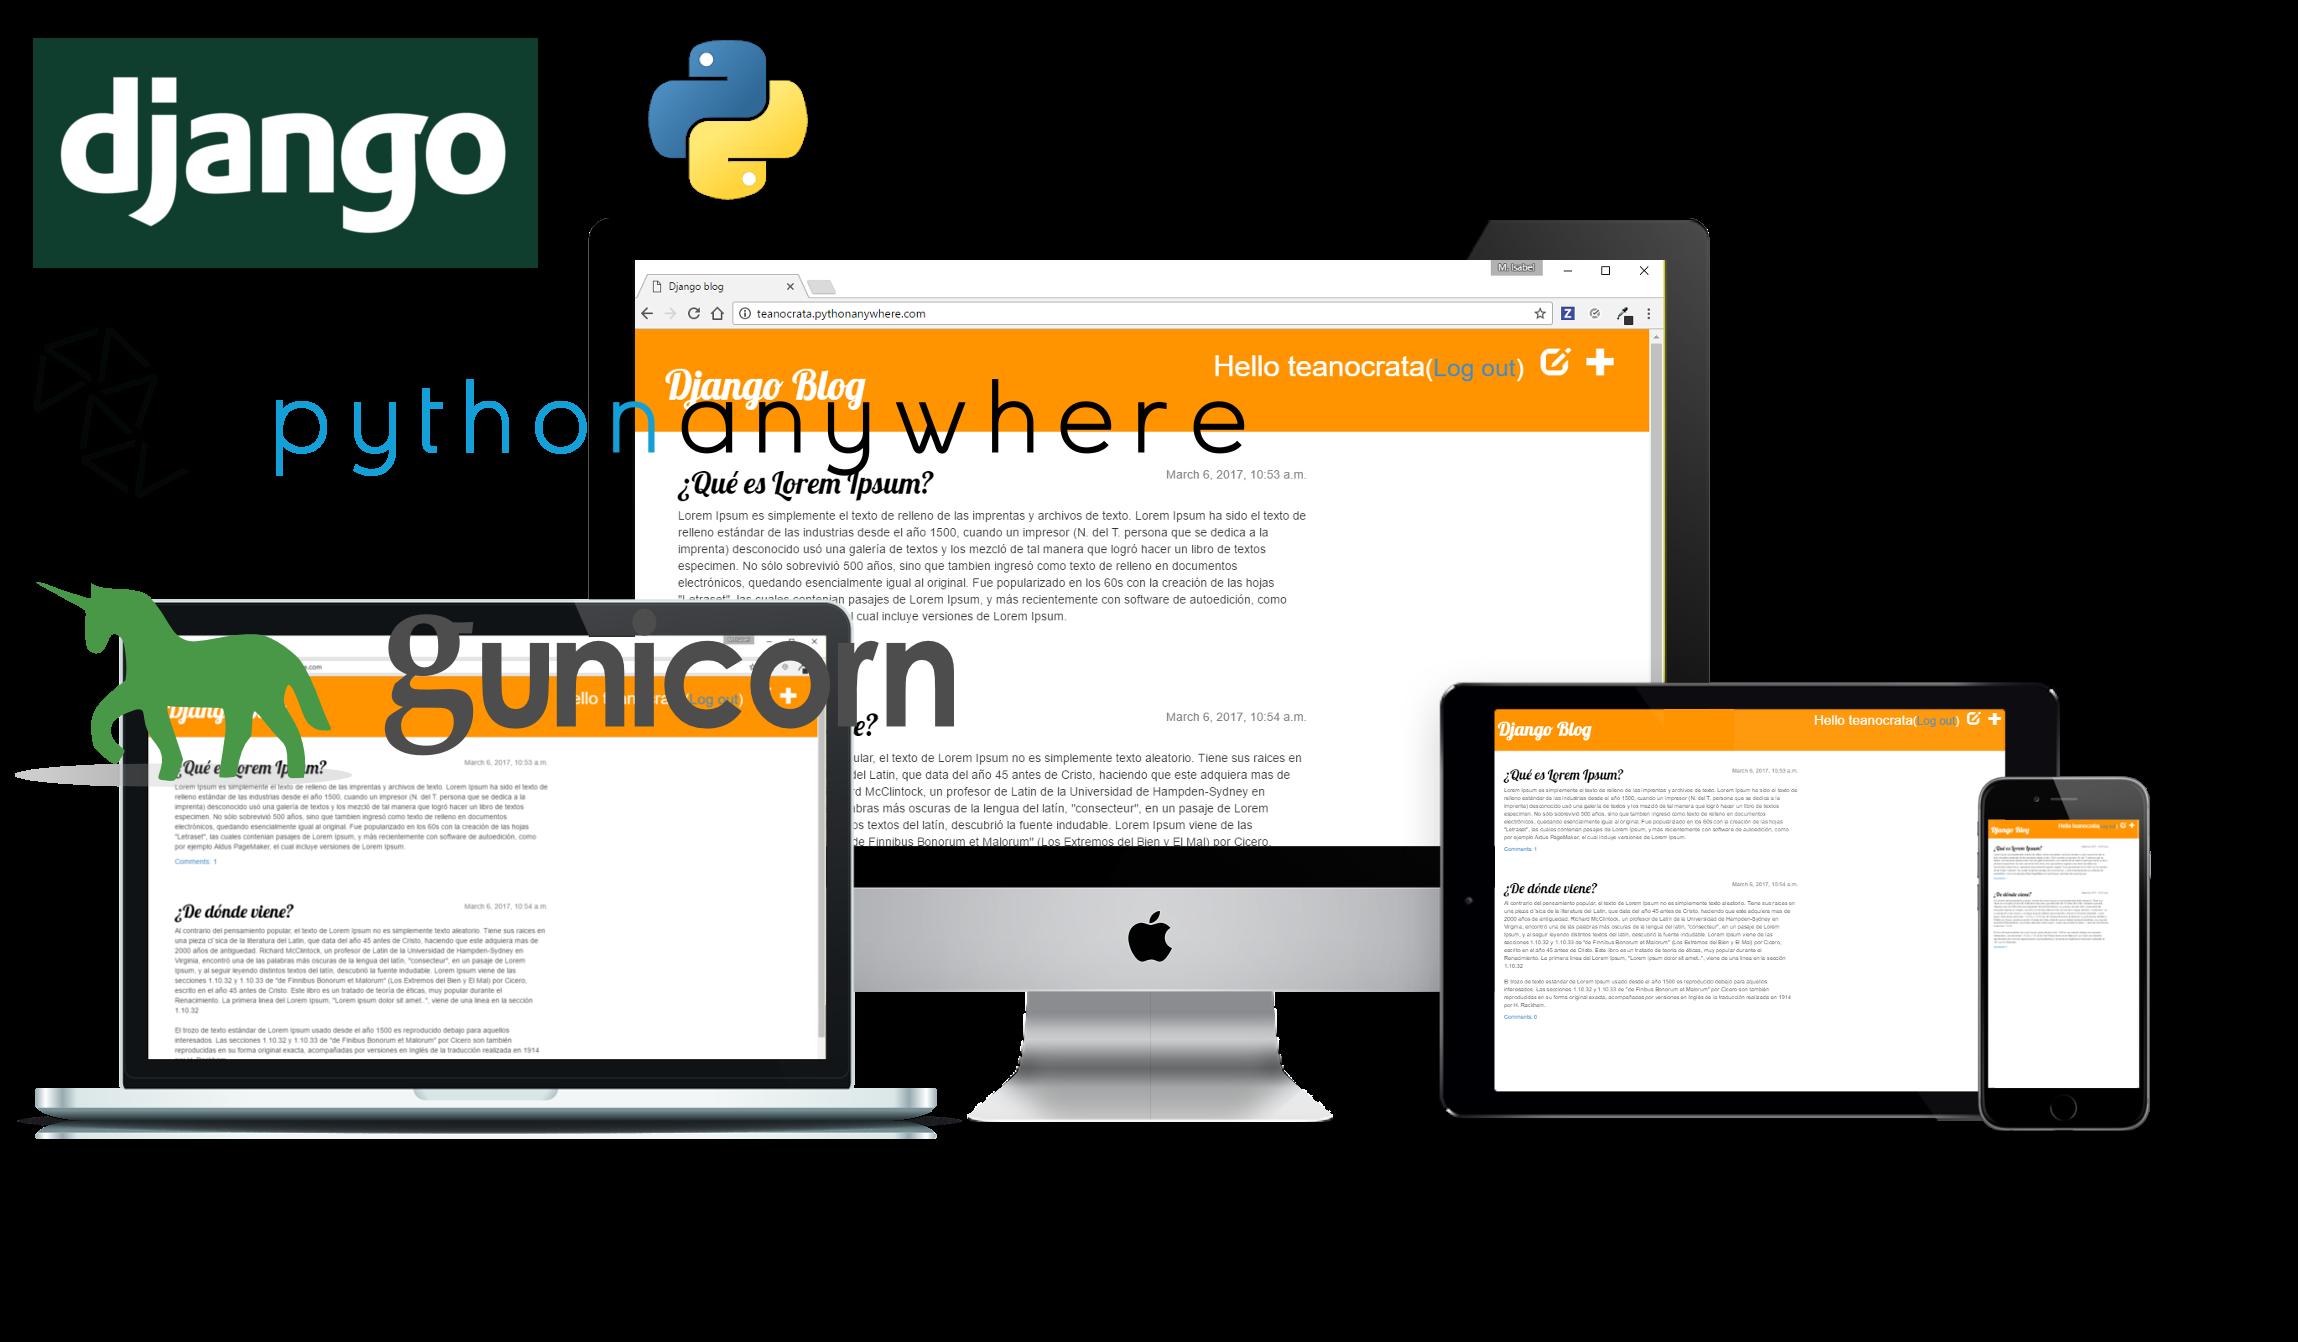 django-test - Learn Django by example